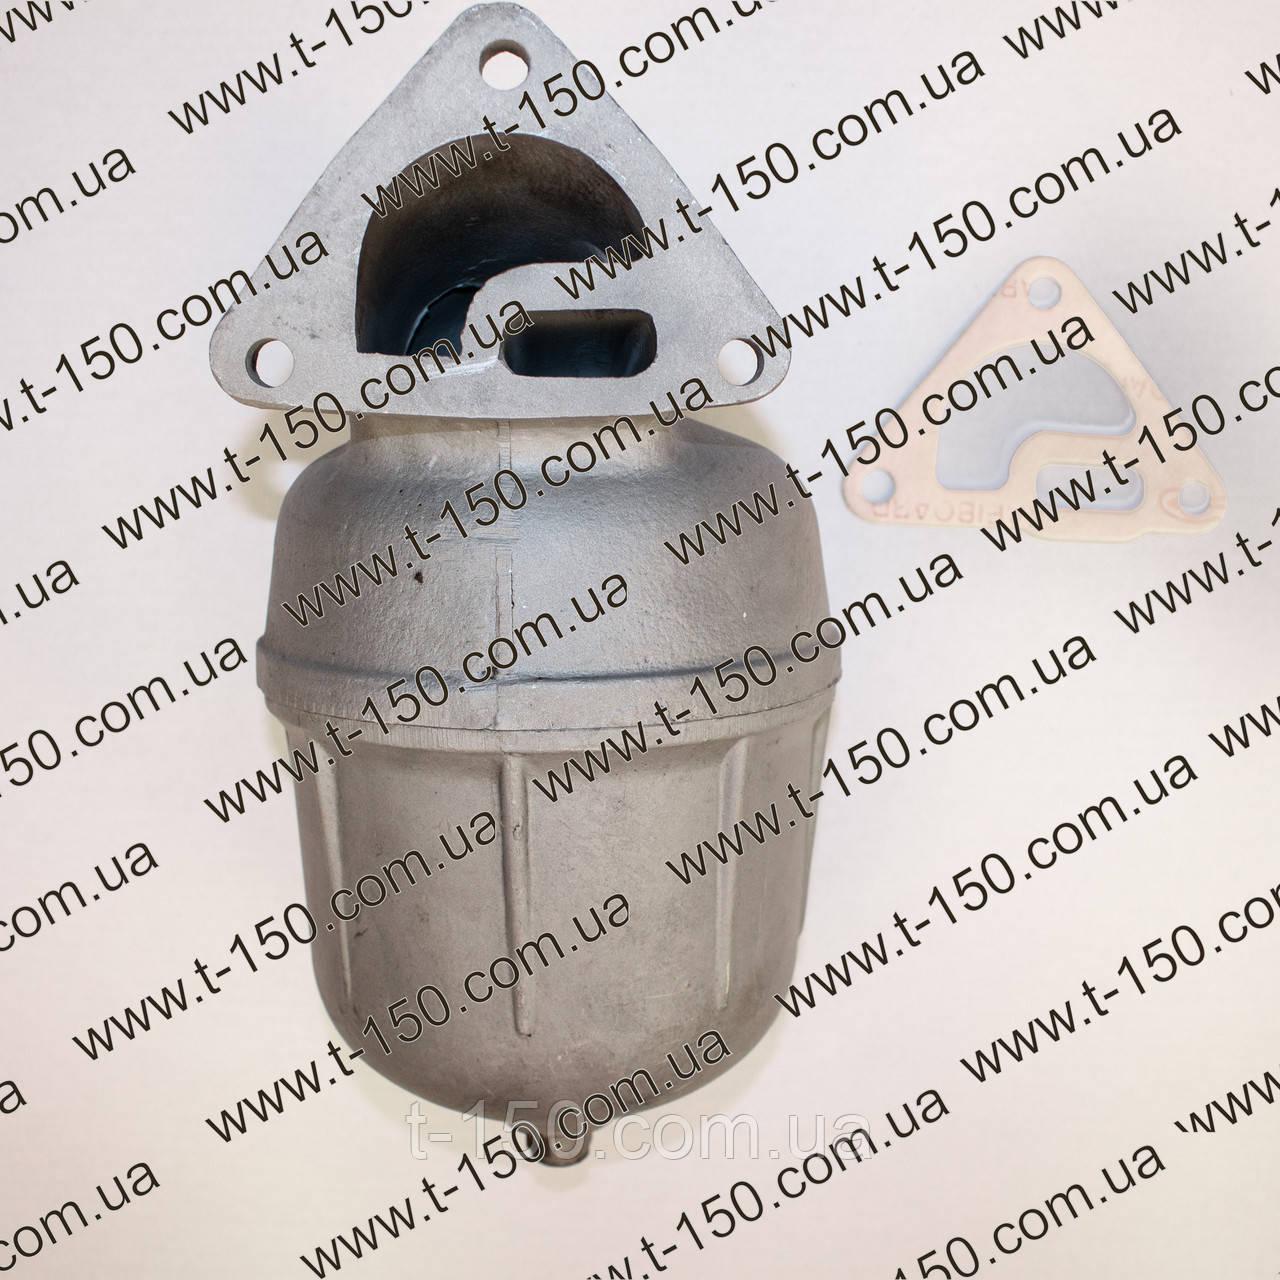 Фильтр центробежной очистки масла ЯМЗ-236, 236-1028010 новая